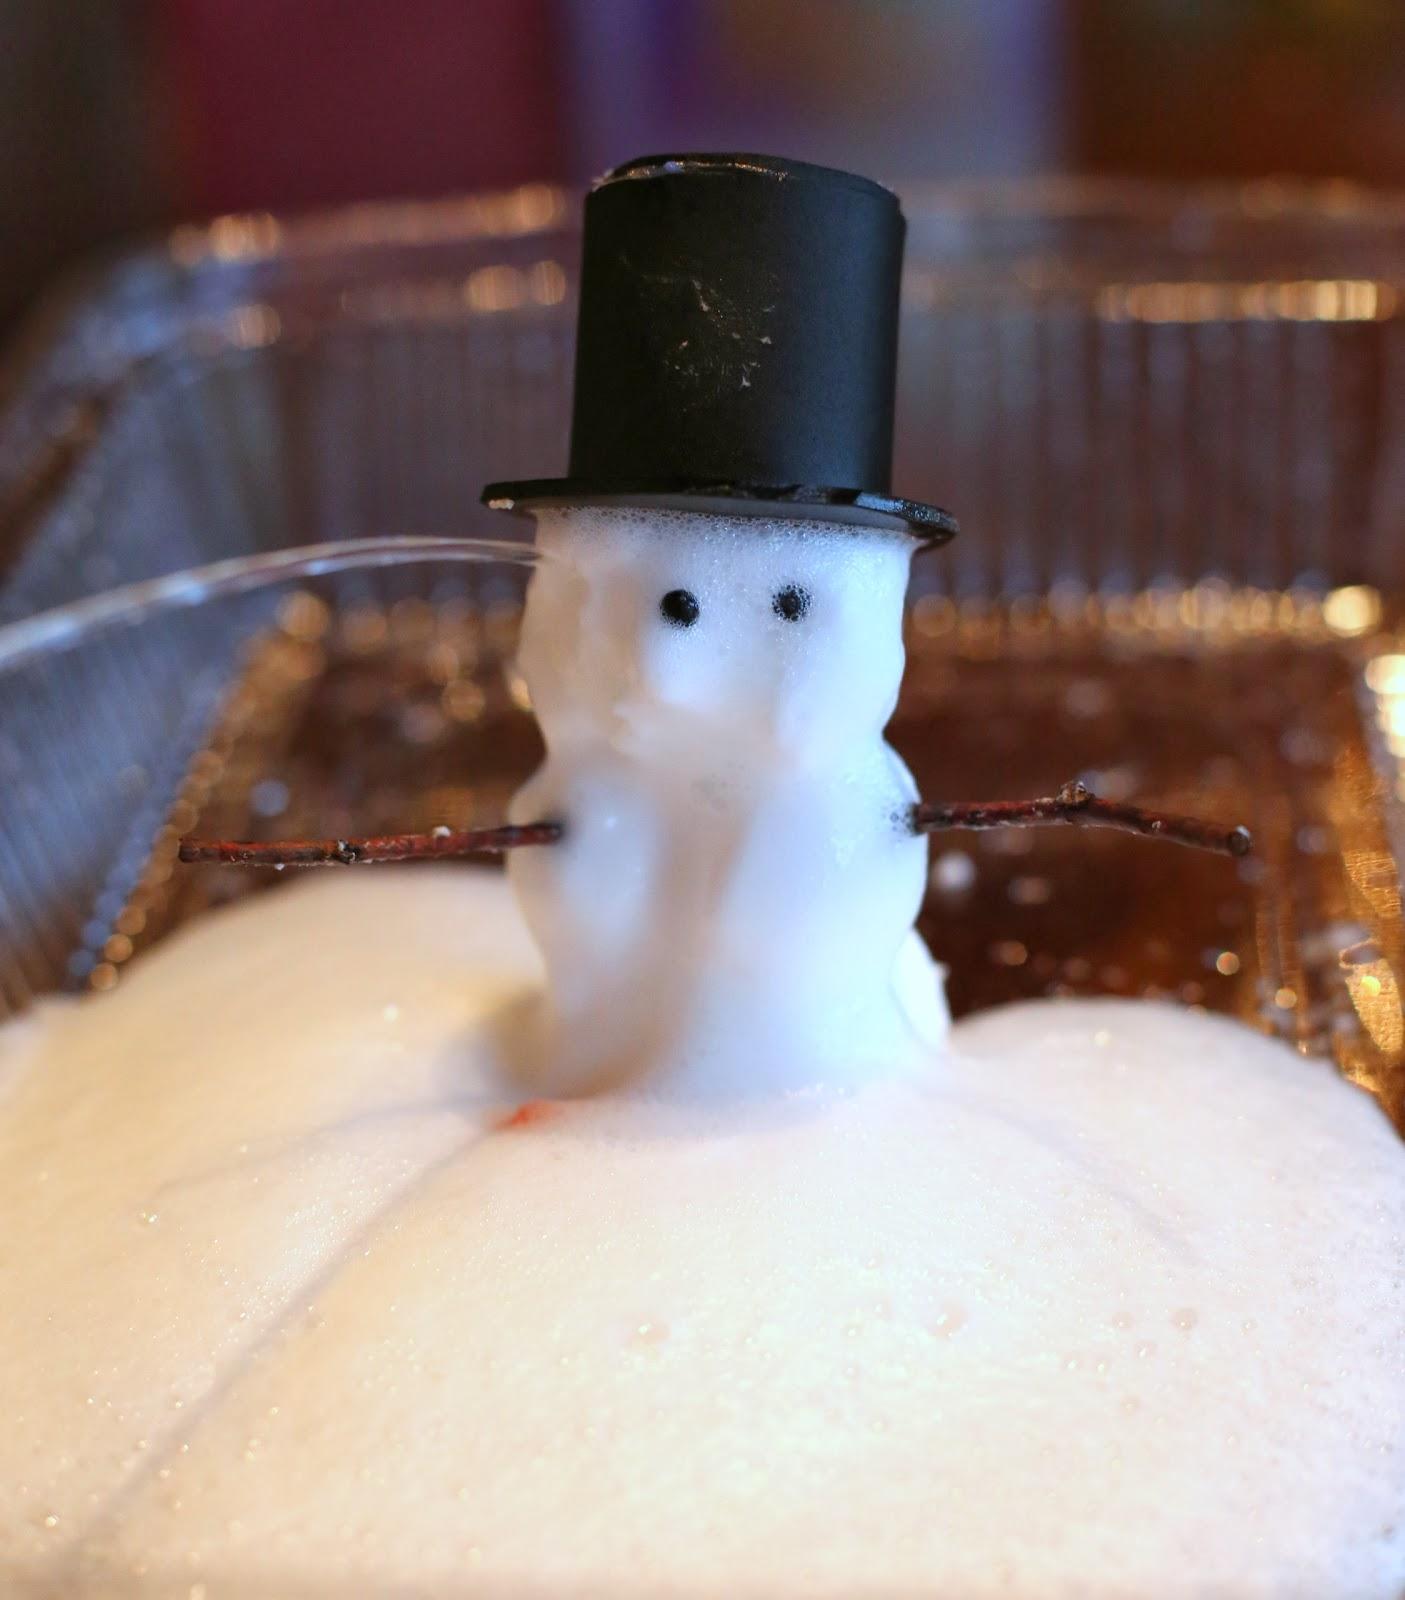 Снеговик из особого извергающегося и пенящегося теста - тает